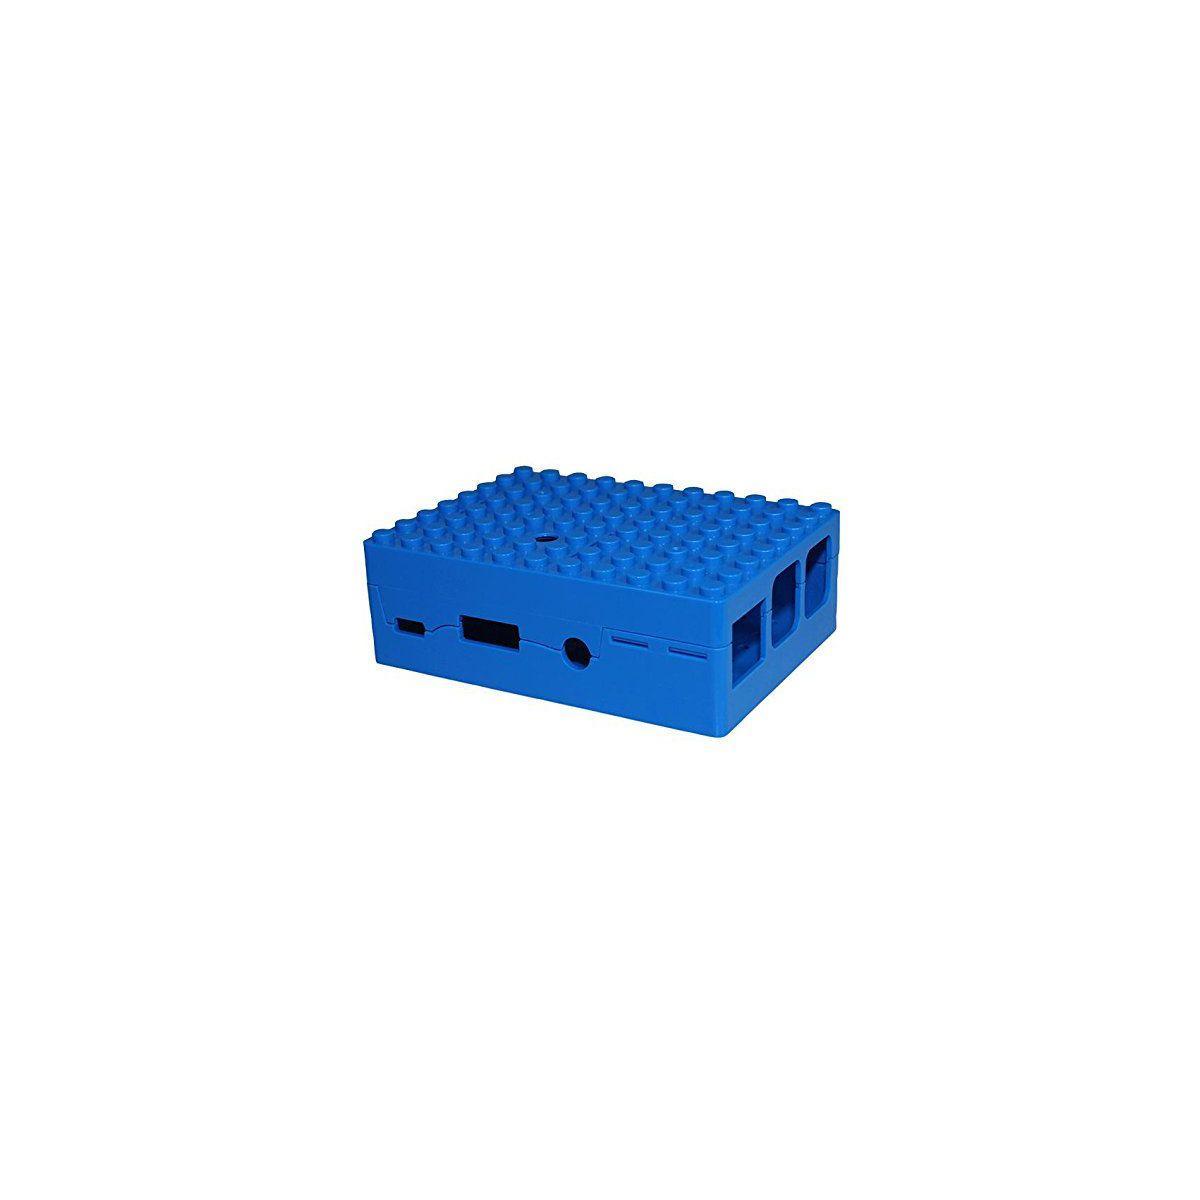 Boitier pc multicomp pi-blox bleu - 2% de remise imm�diate avec le code : school2 (photo)